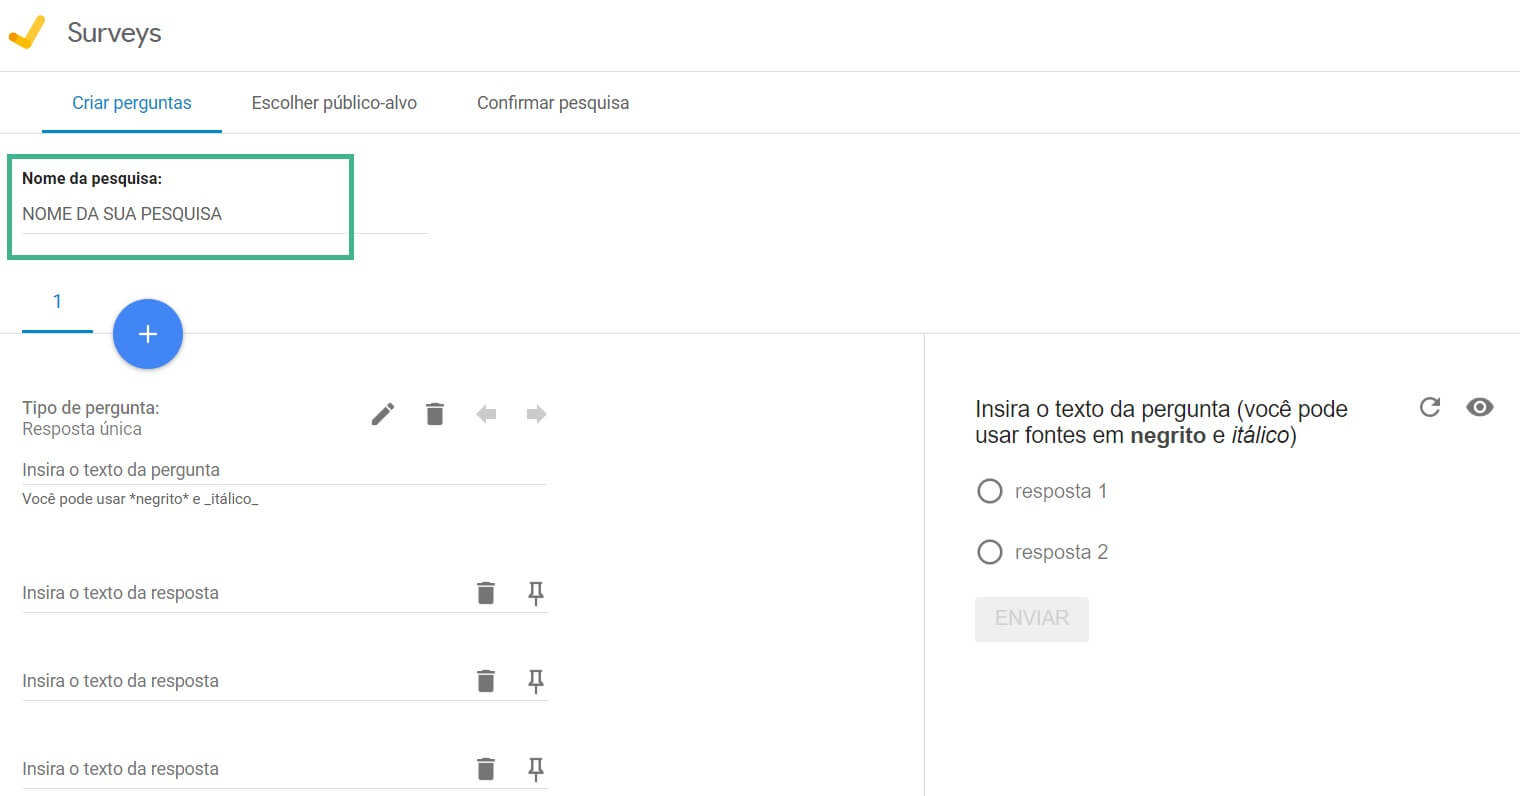 Nome da pesquisa no Google Survey